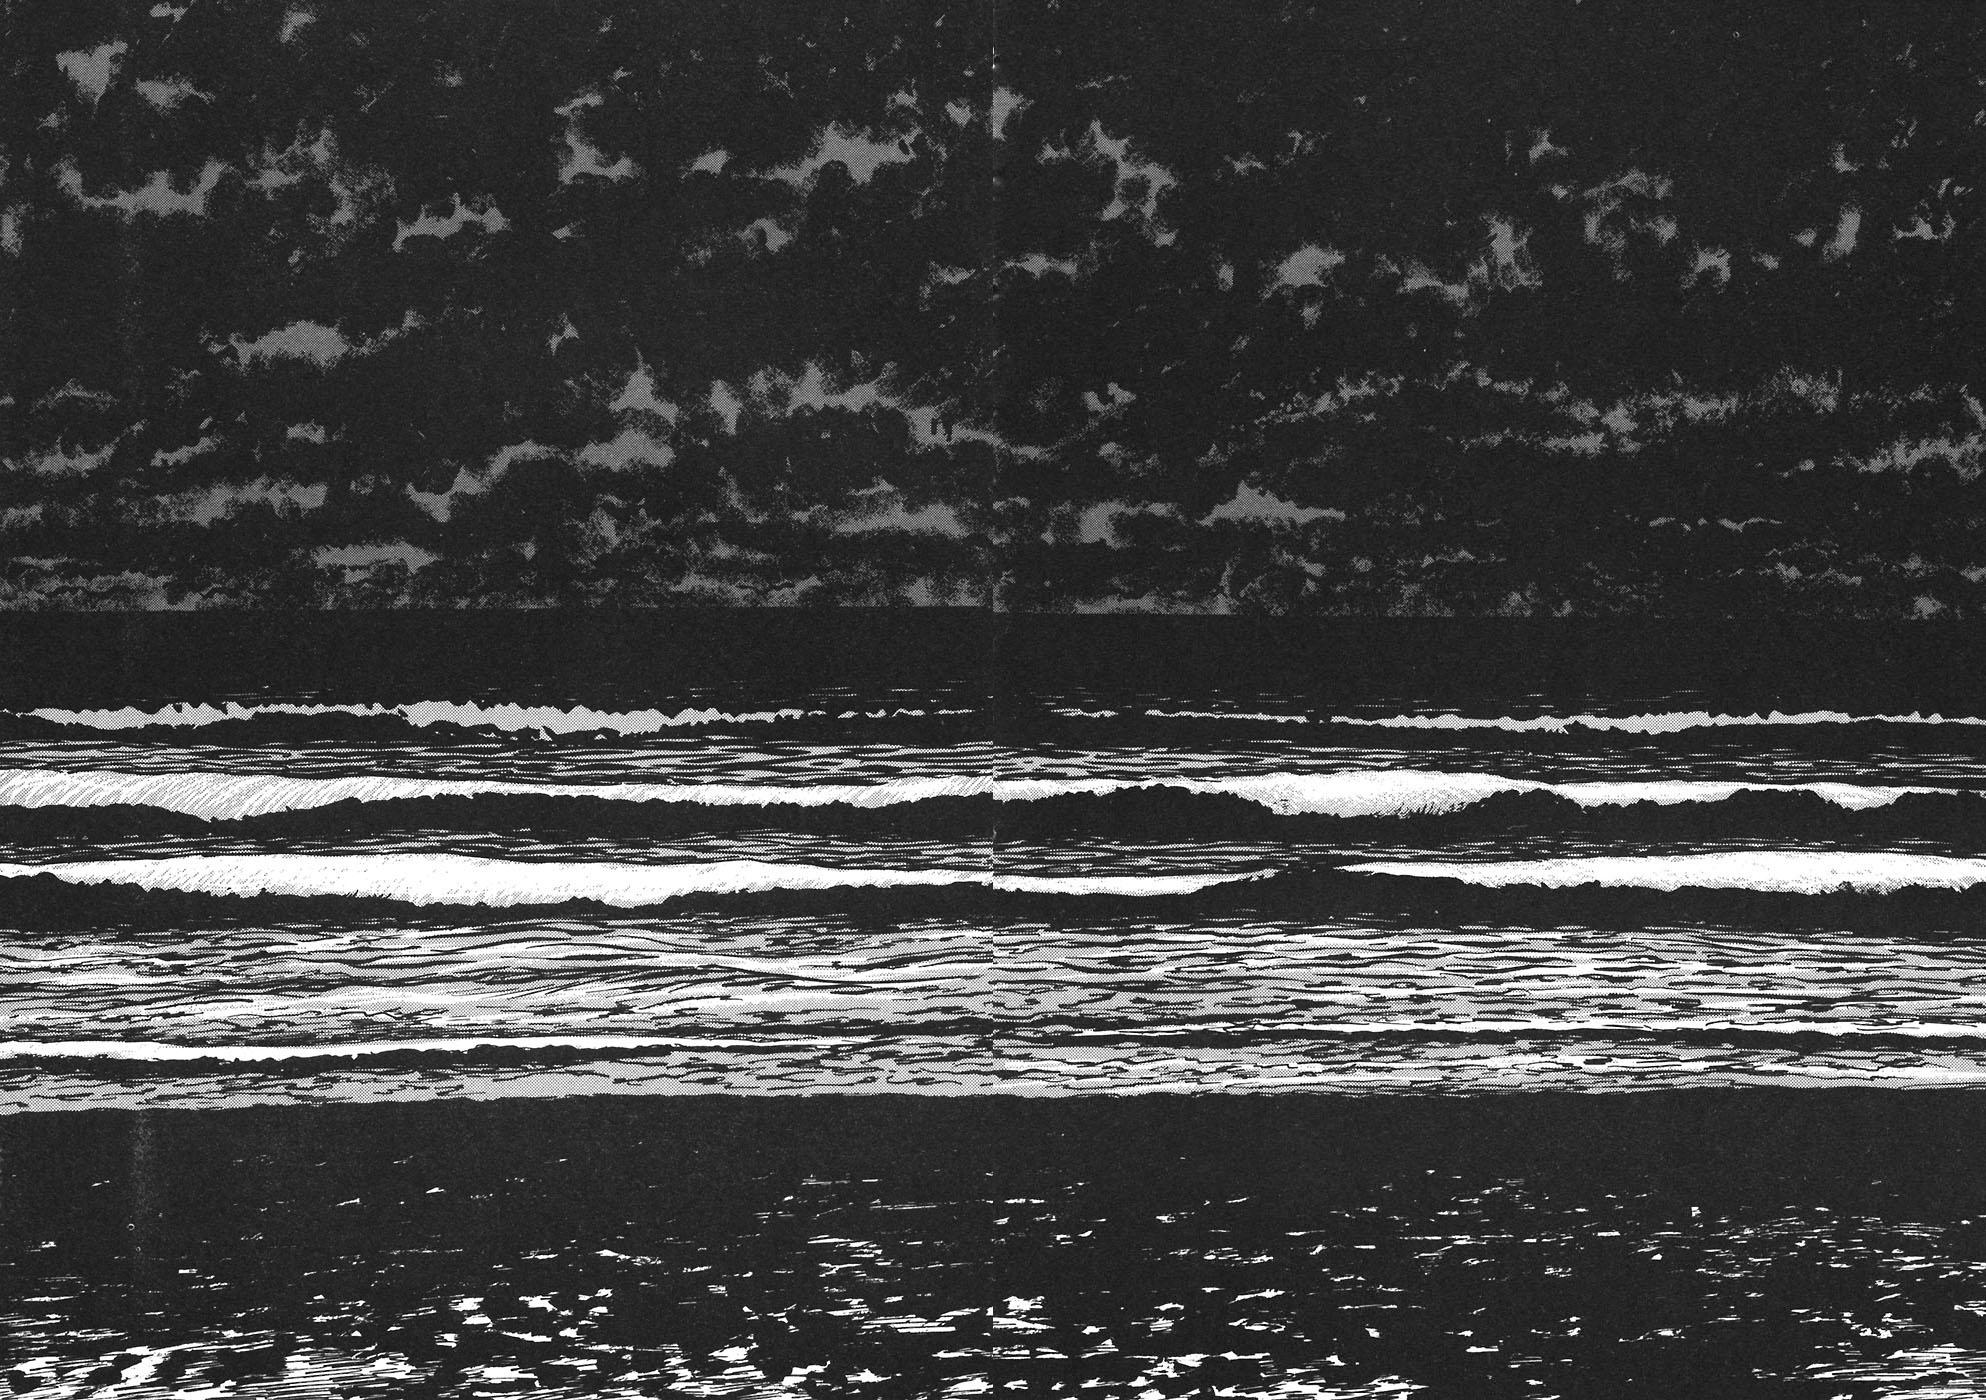 Mimi no Kaidan chap 4: bờ biển trang 23